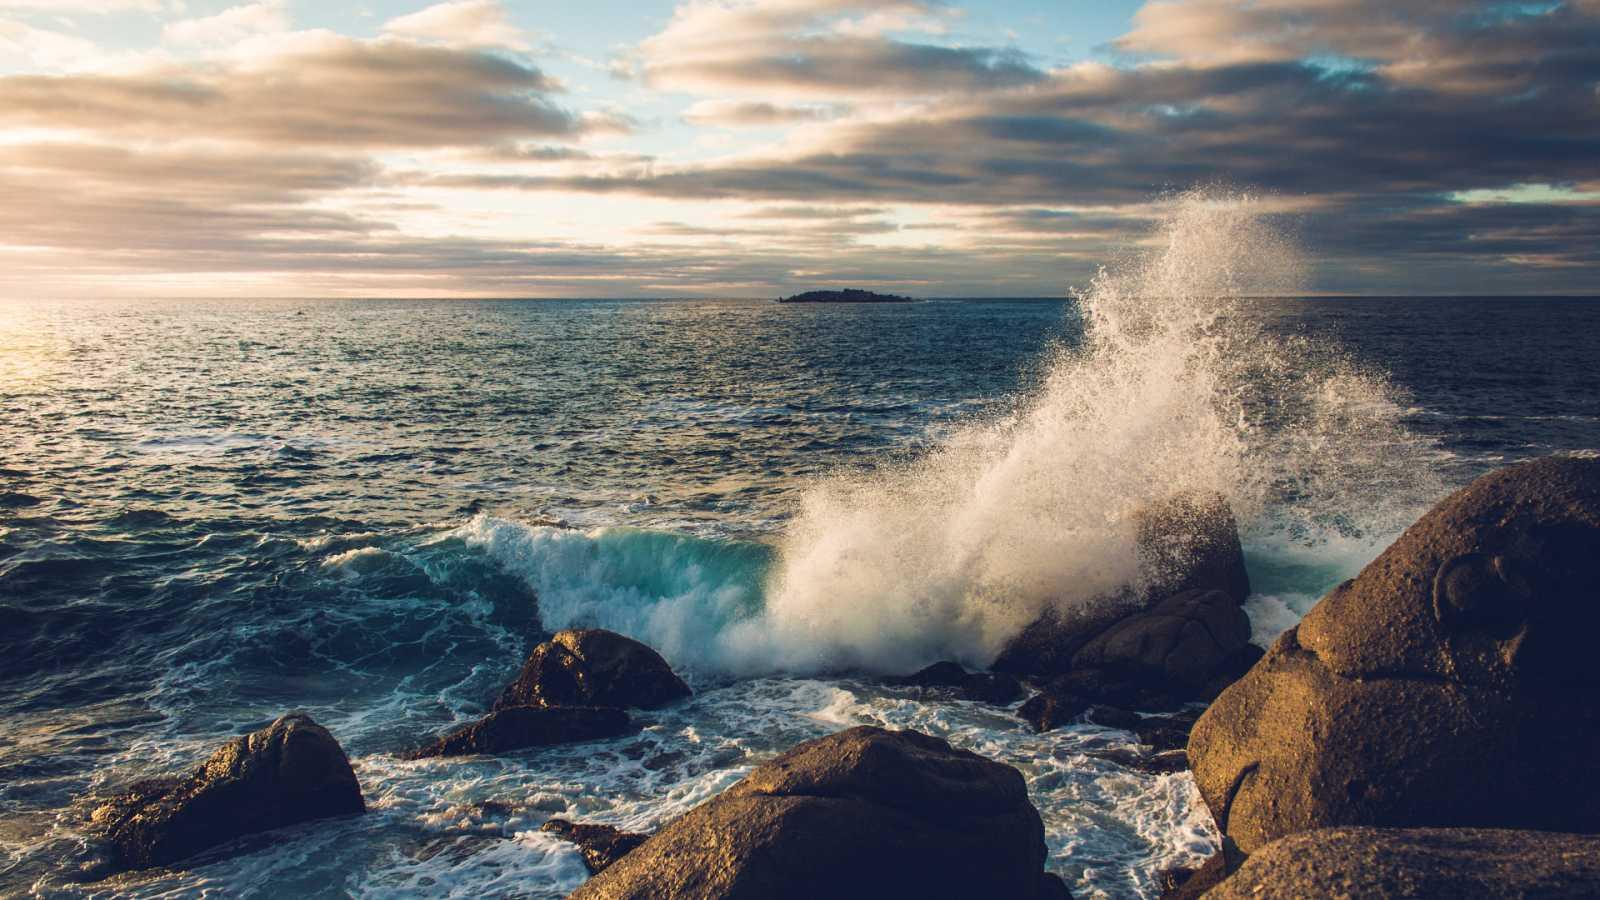 Carlos duarte ' La contaminación acústica en el mar, peor que la de plástico' - escuchar ahora